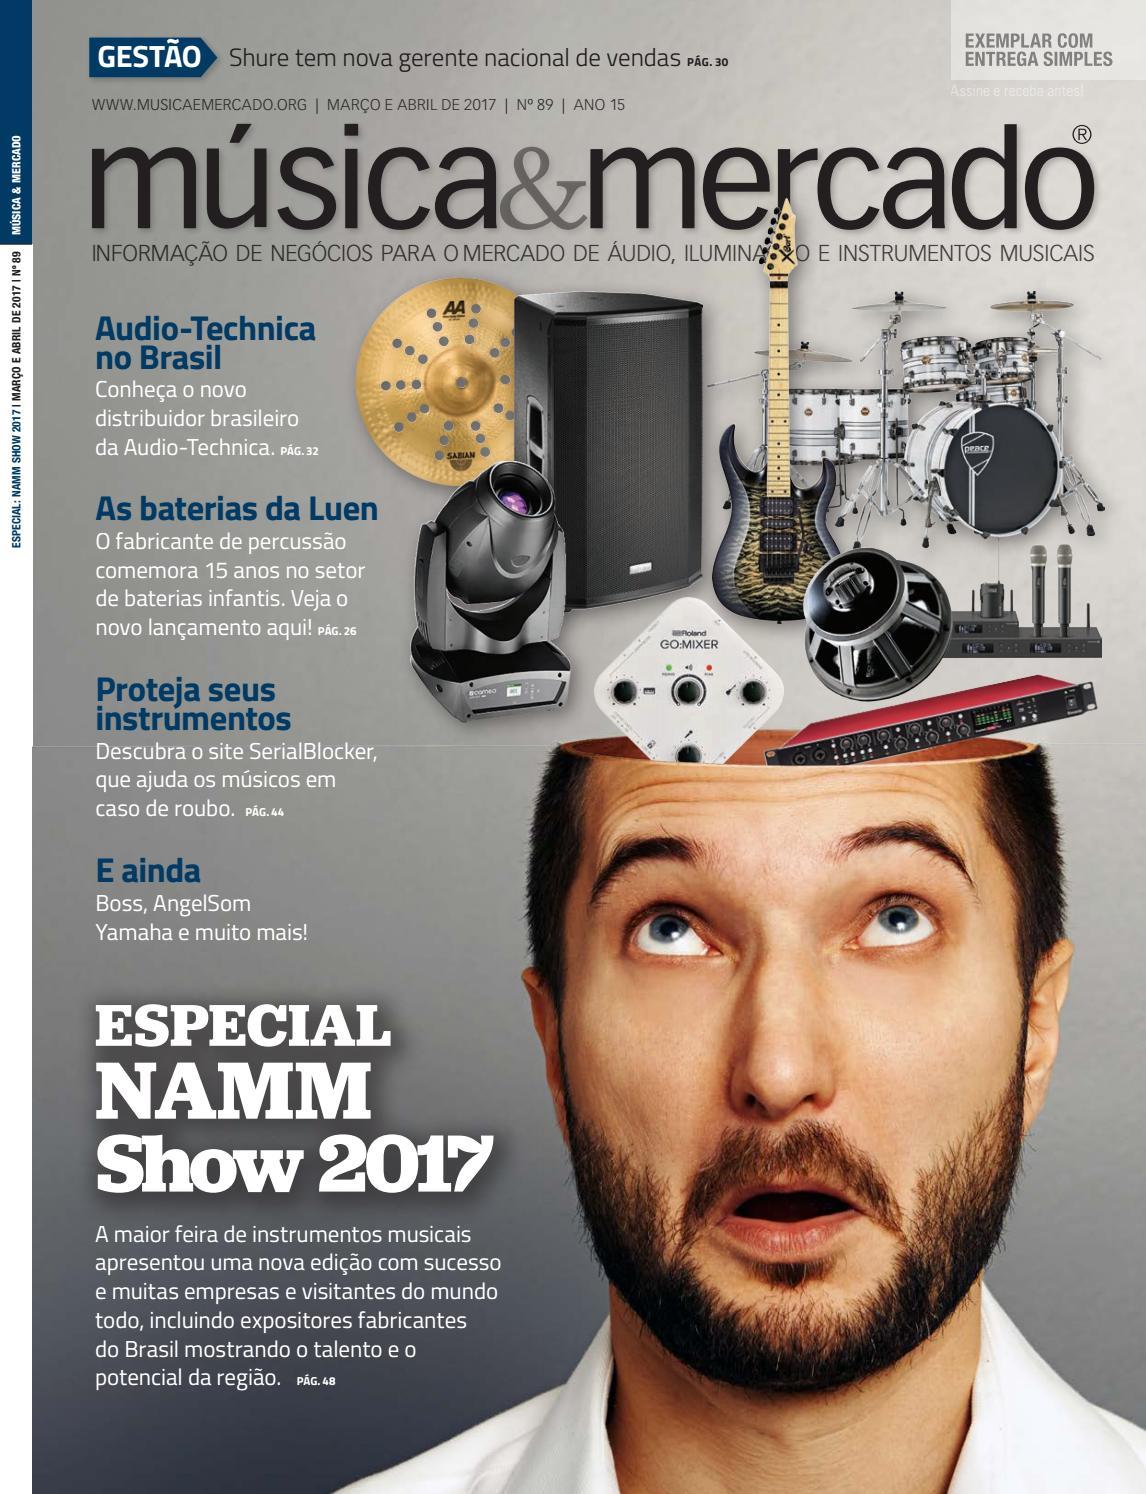 de325e8a8c2   89 MARÇO ABRIL 2017 - Música   Mercado em Português by Música   Mercado -  issuu